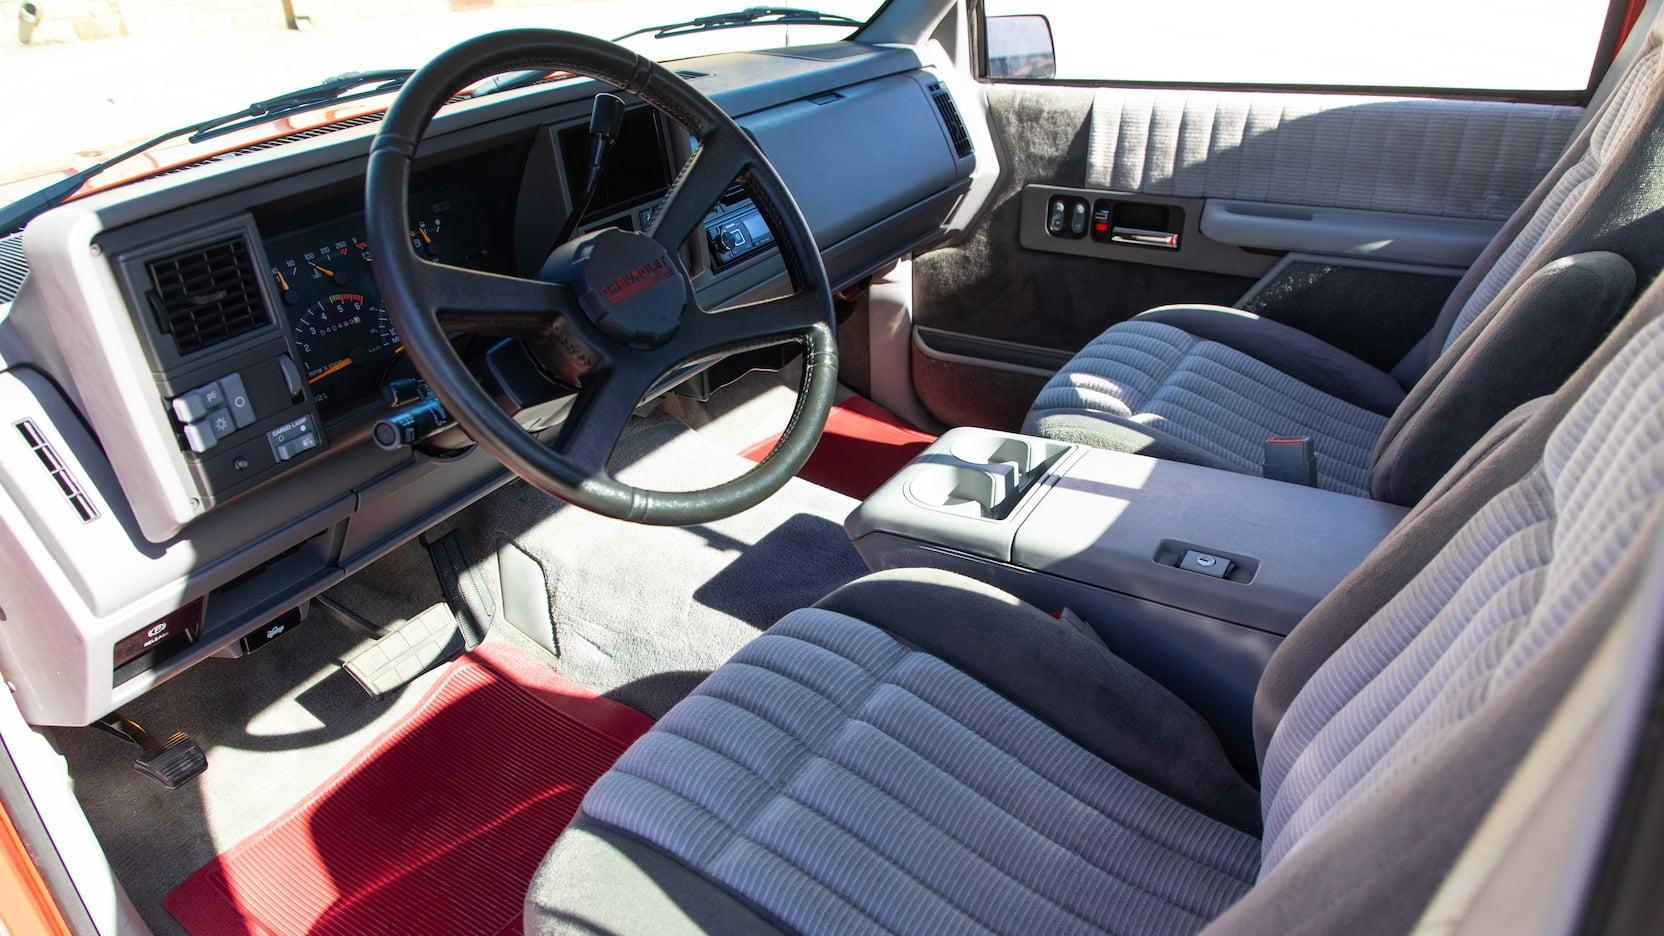 1993 Chevrolet 454 SS interior